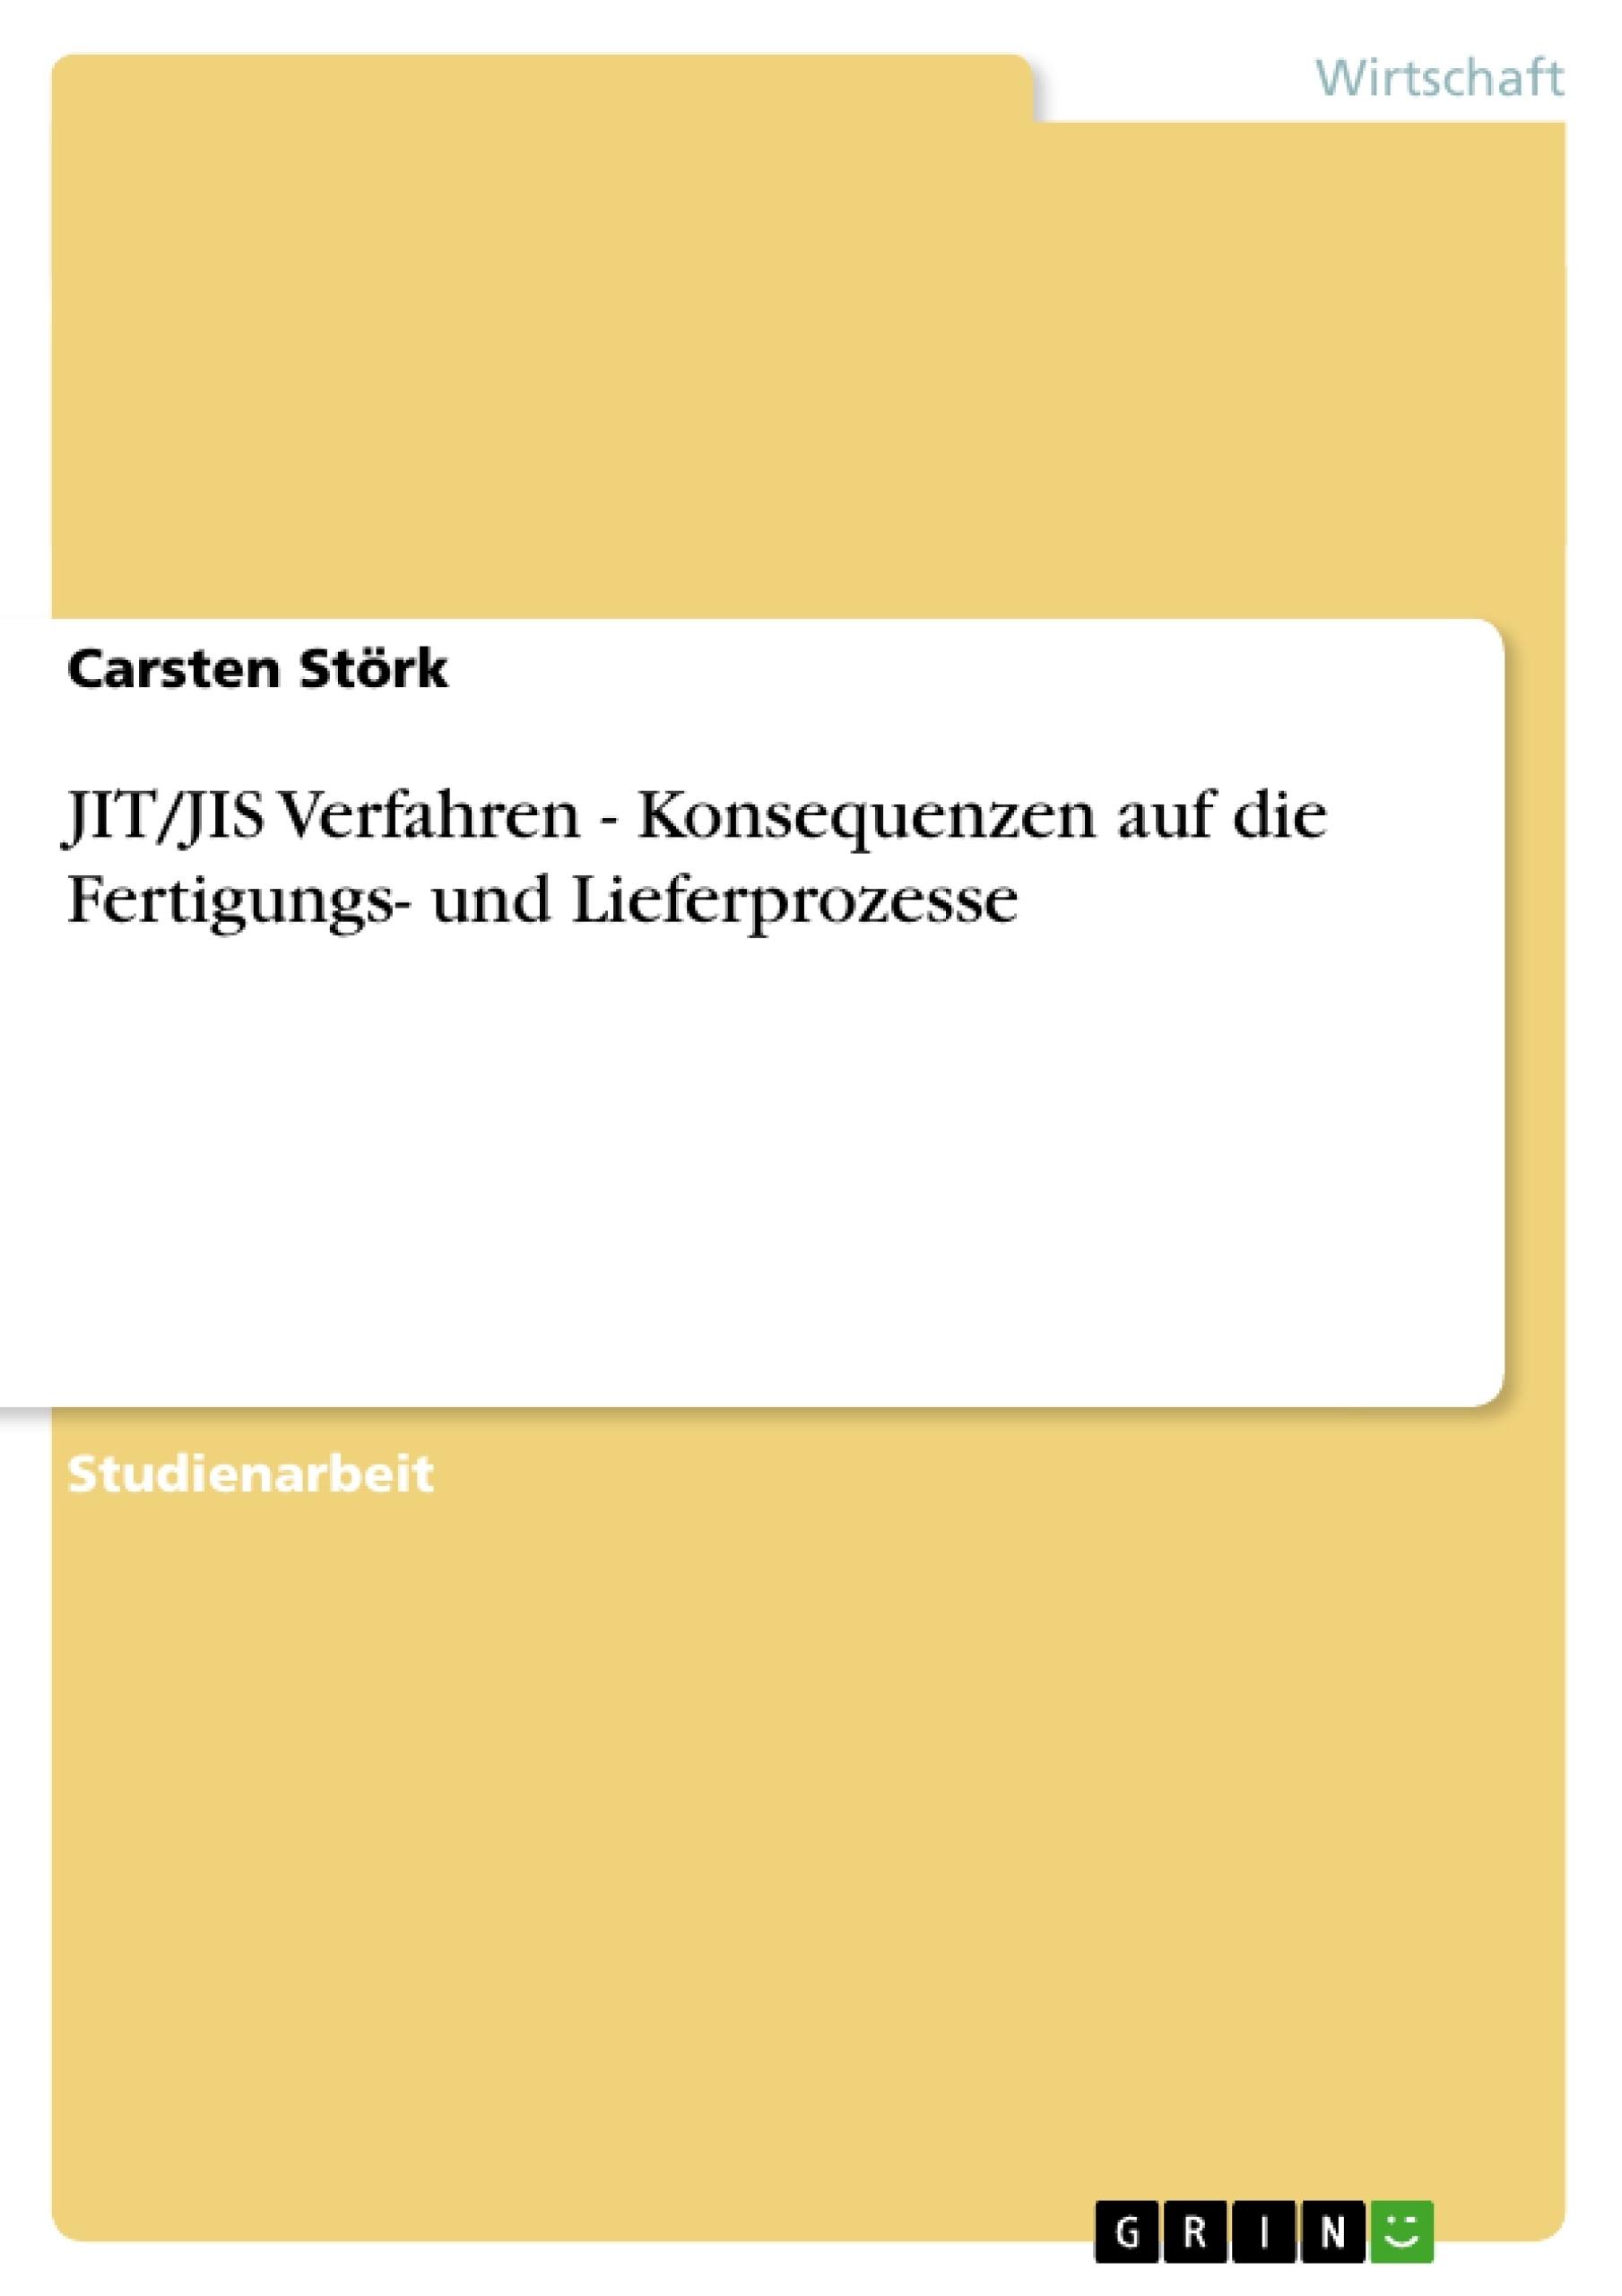 Titel: JIT/JIS Verfahren - Konsequenzen auf die Fertigungs- und Lieferprozesse